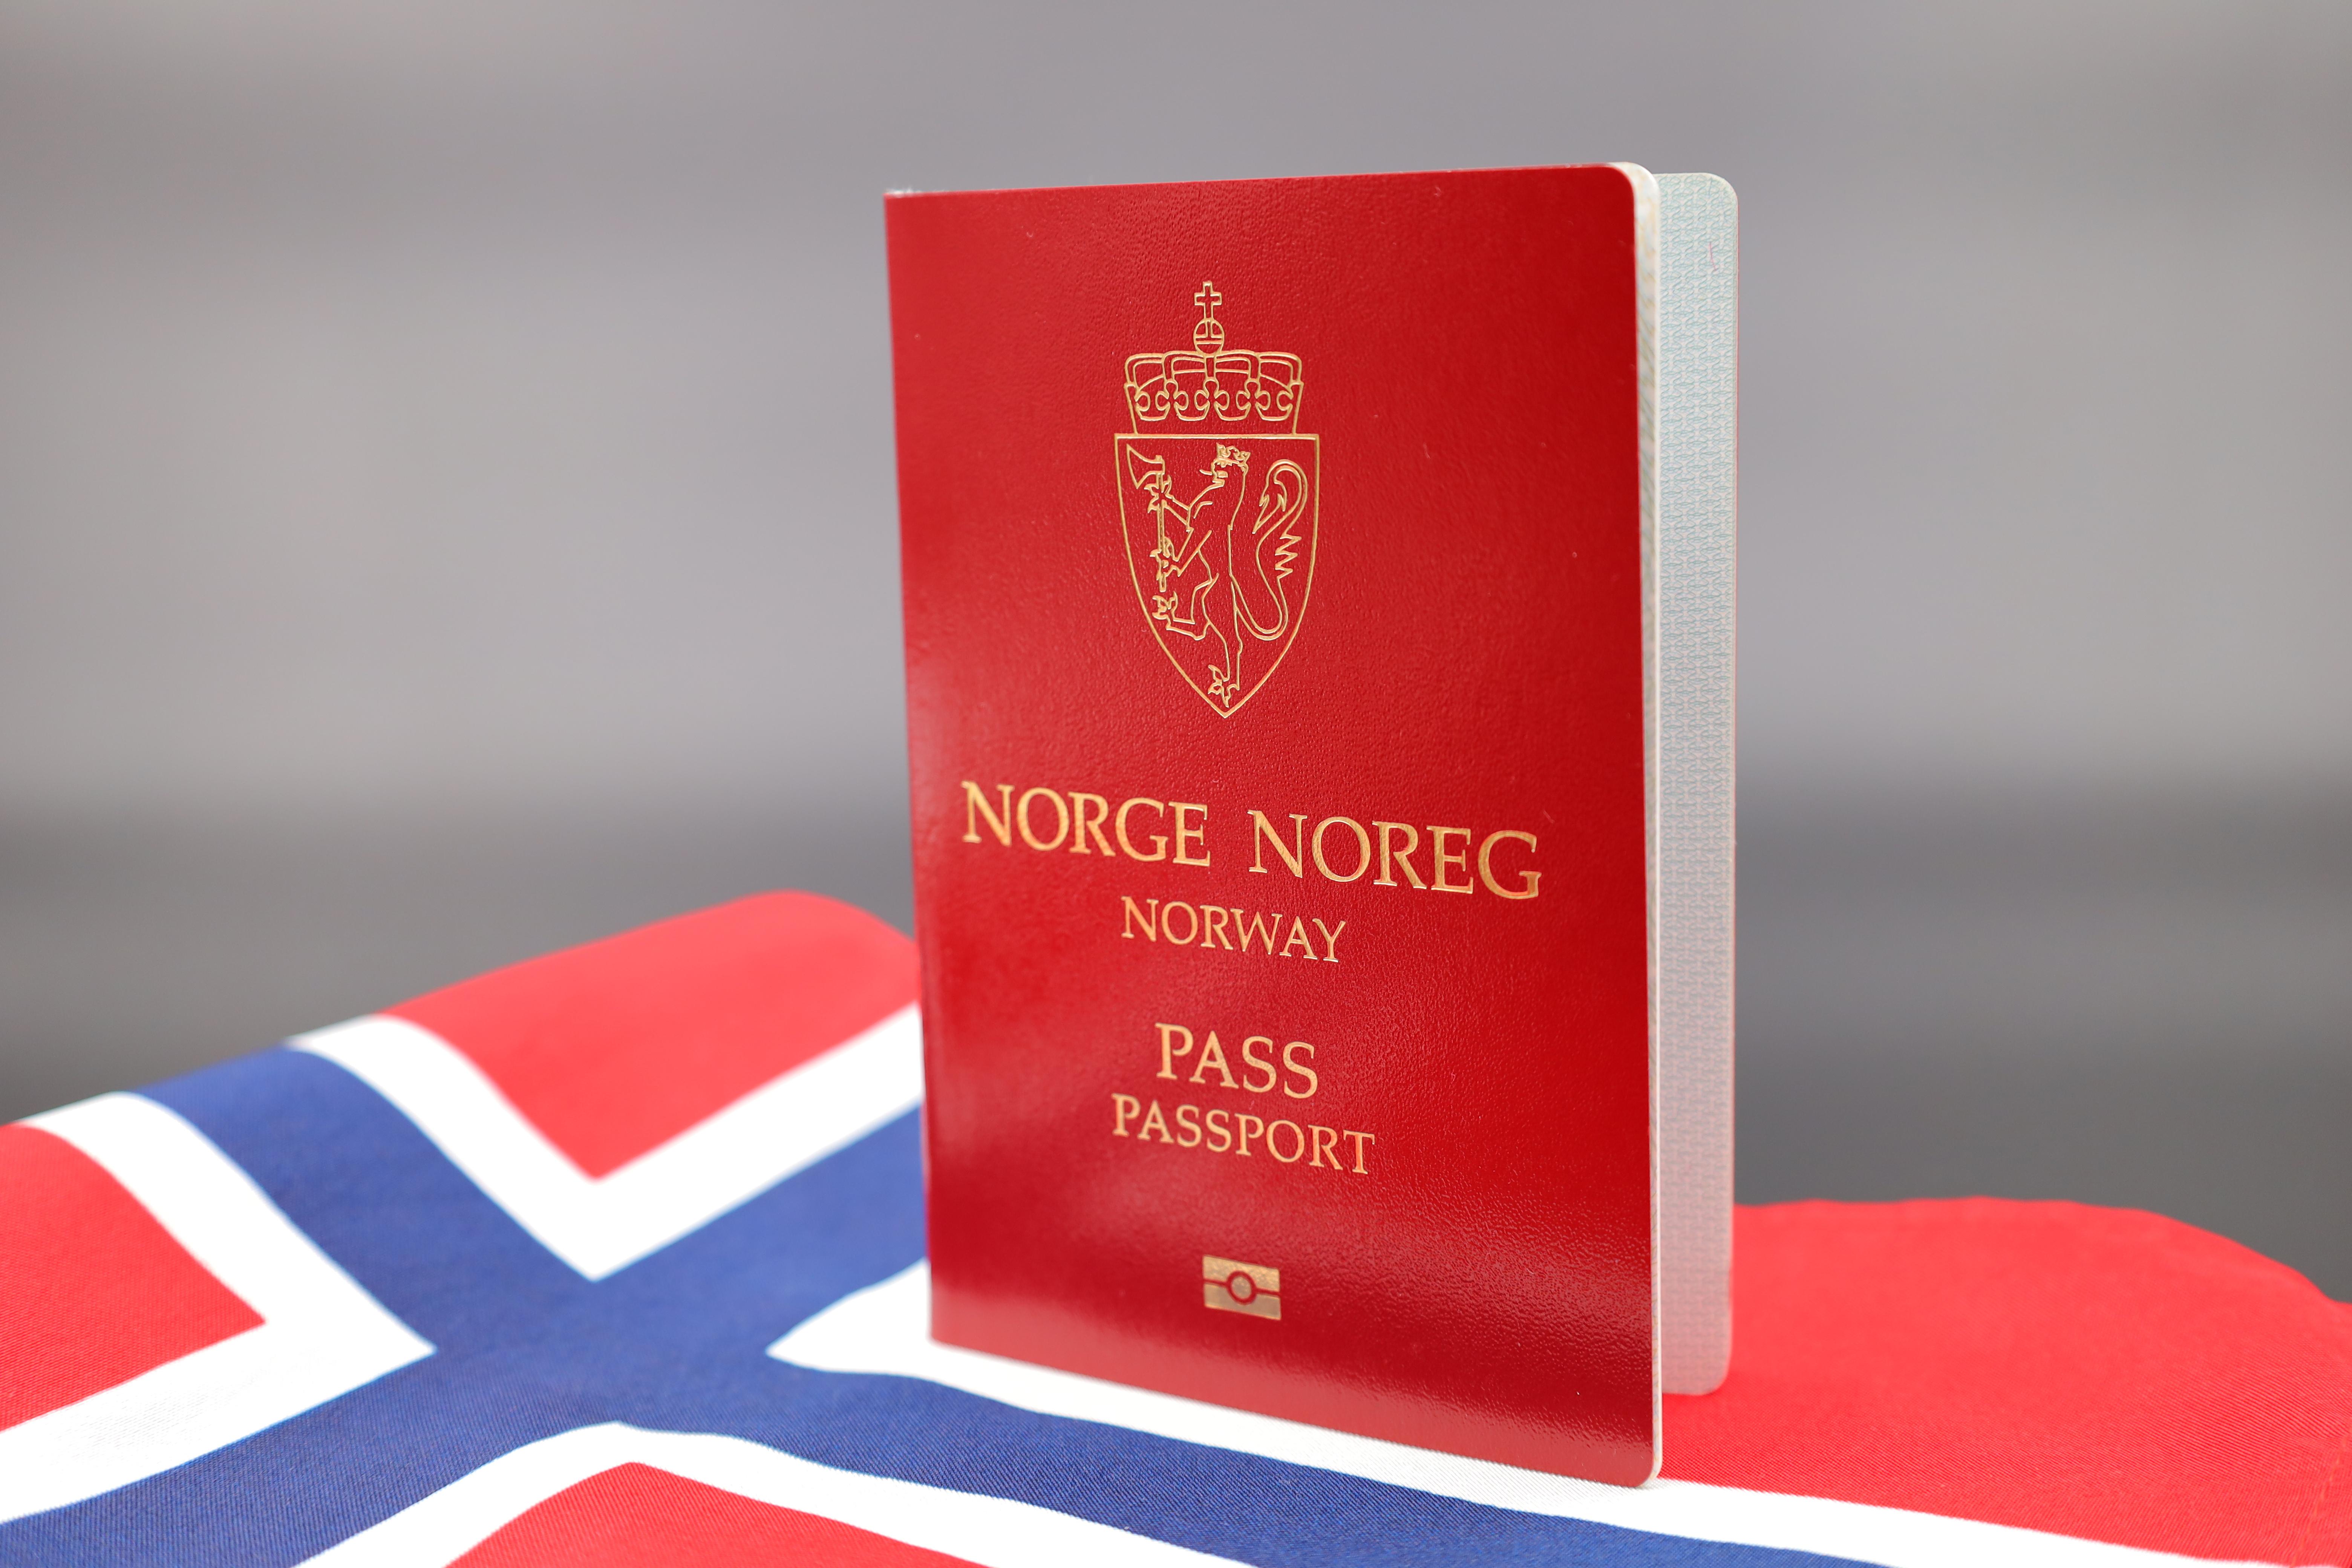 Паспорт Норвегии, гражданство которой можно получить